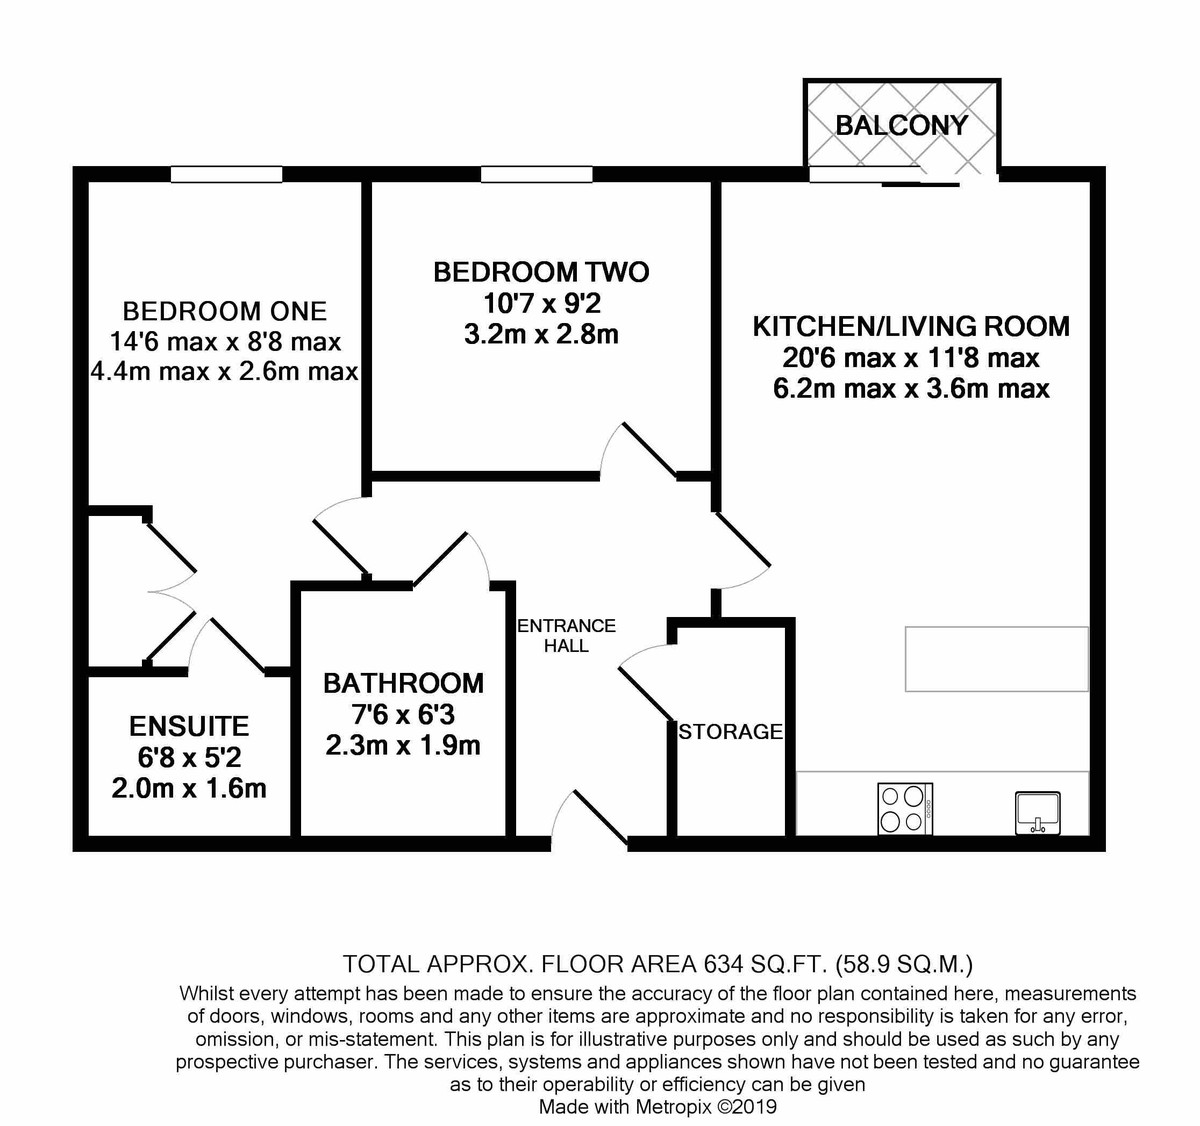 Hemisphere 18 Edgbaston Crescent floorplan 1 of 1